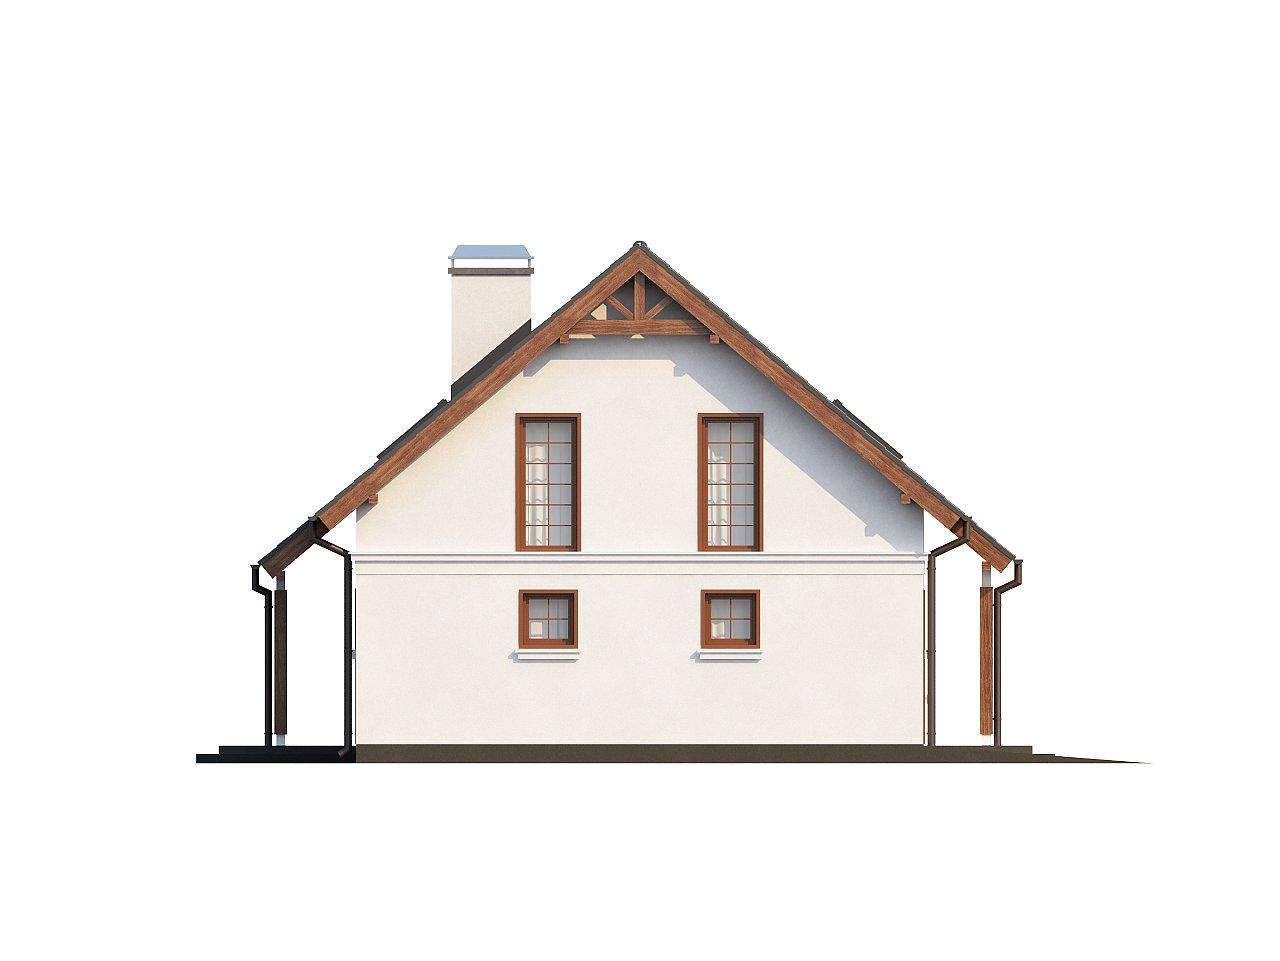 Элегантный дом простой формы со встроенным гаражом, эркером и балконом над ним. 12